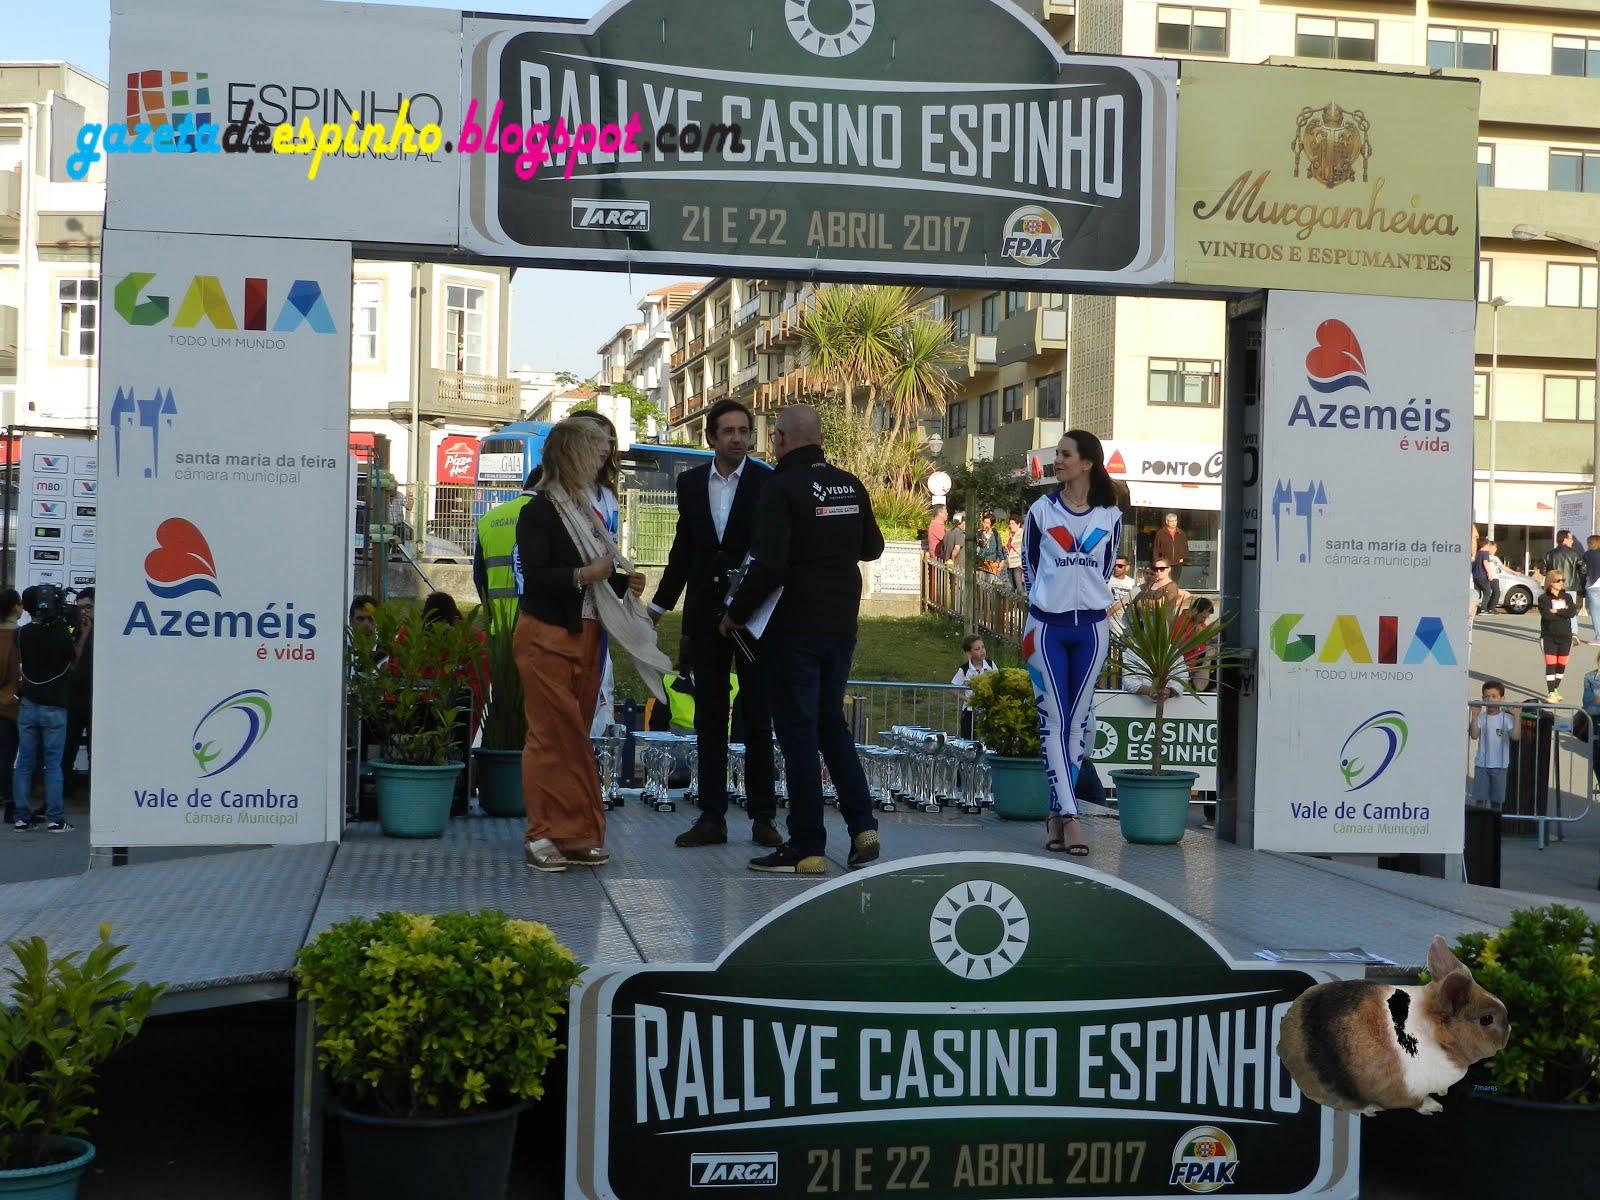 Rallye casino espinho 2019